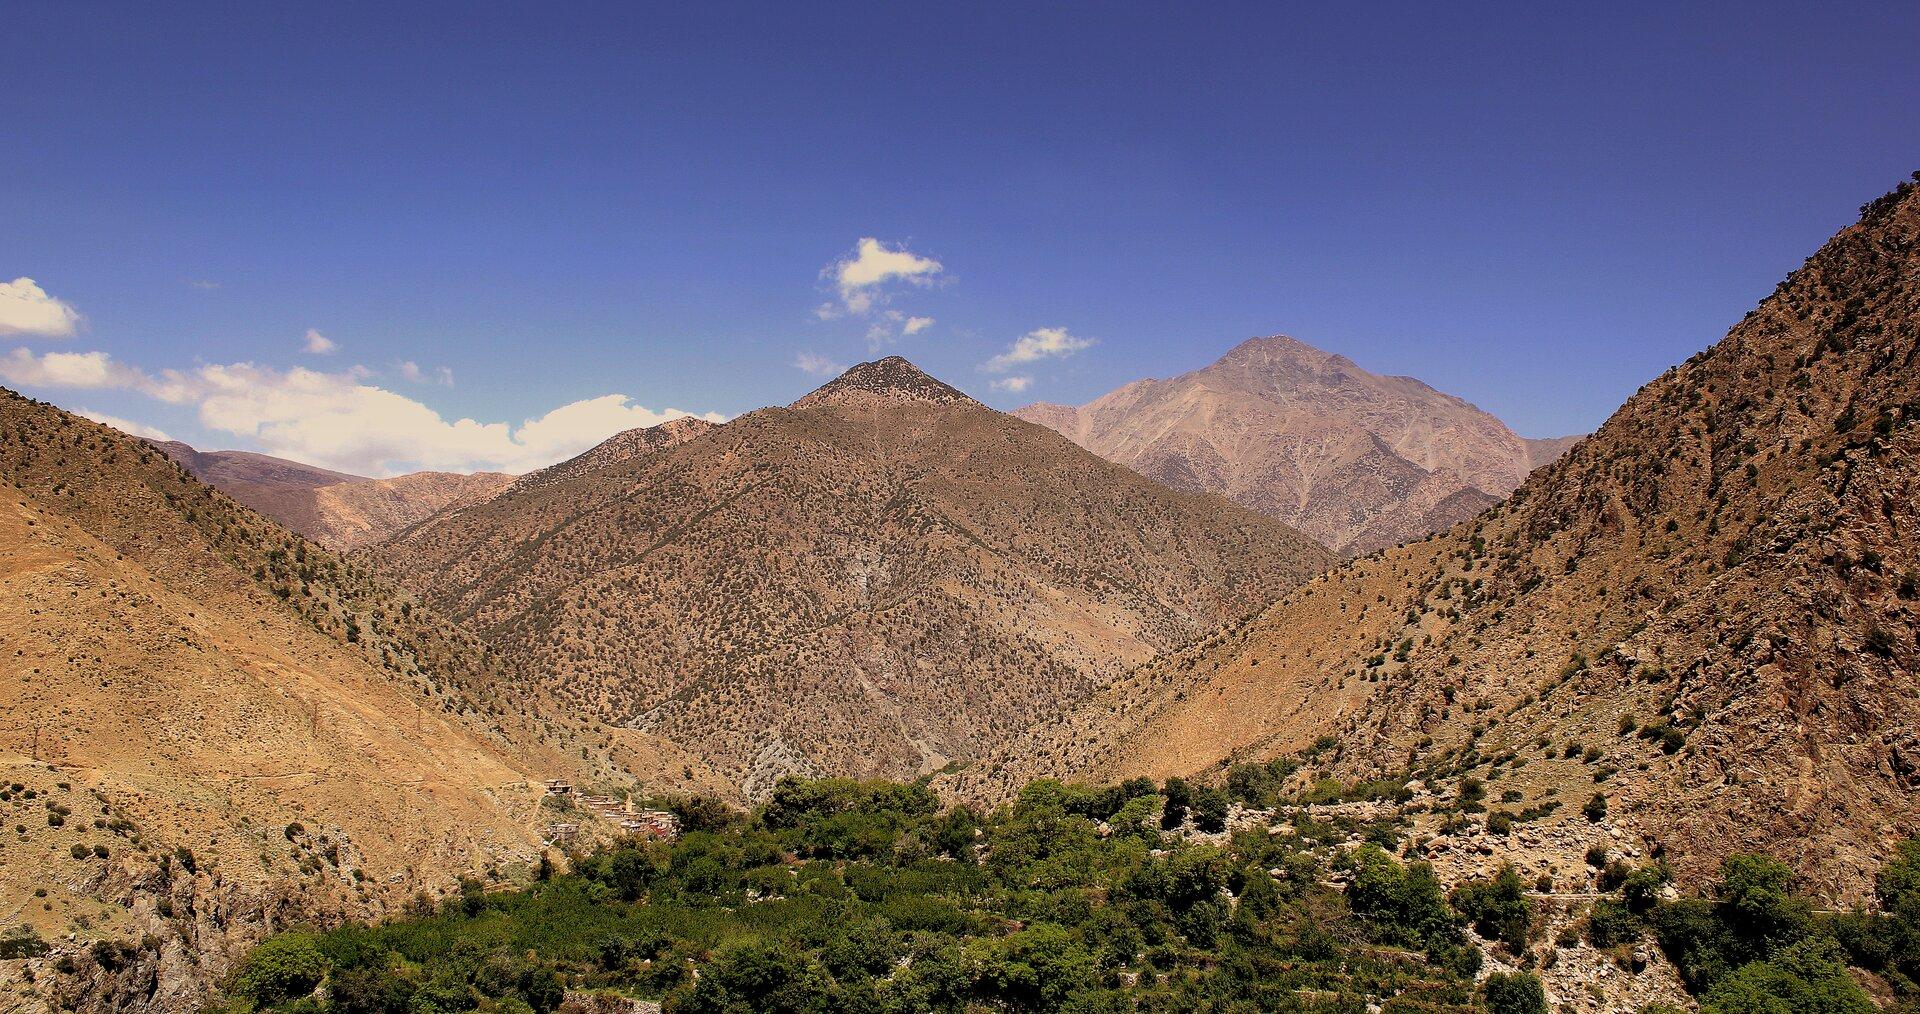 Na zdjęciu kilka szczytów ożwirowych stokach porośniętych kępami traw.